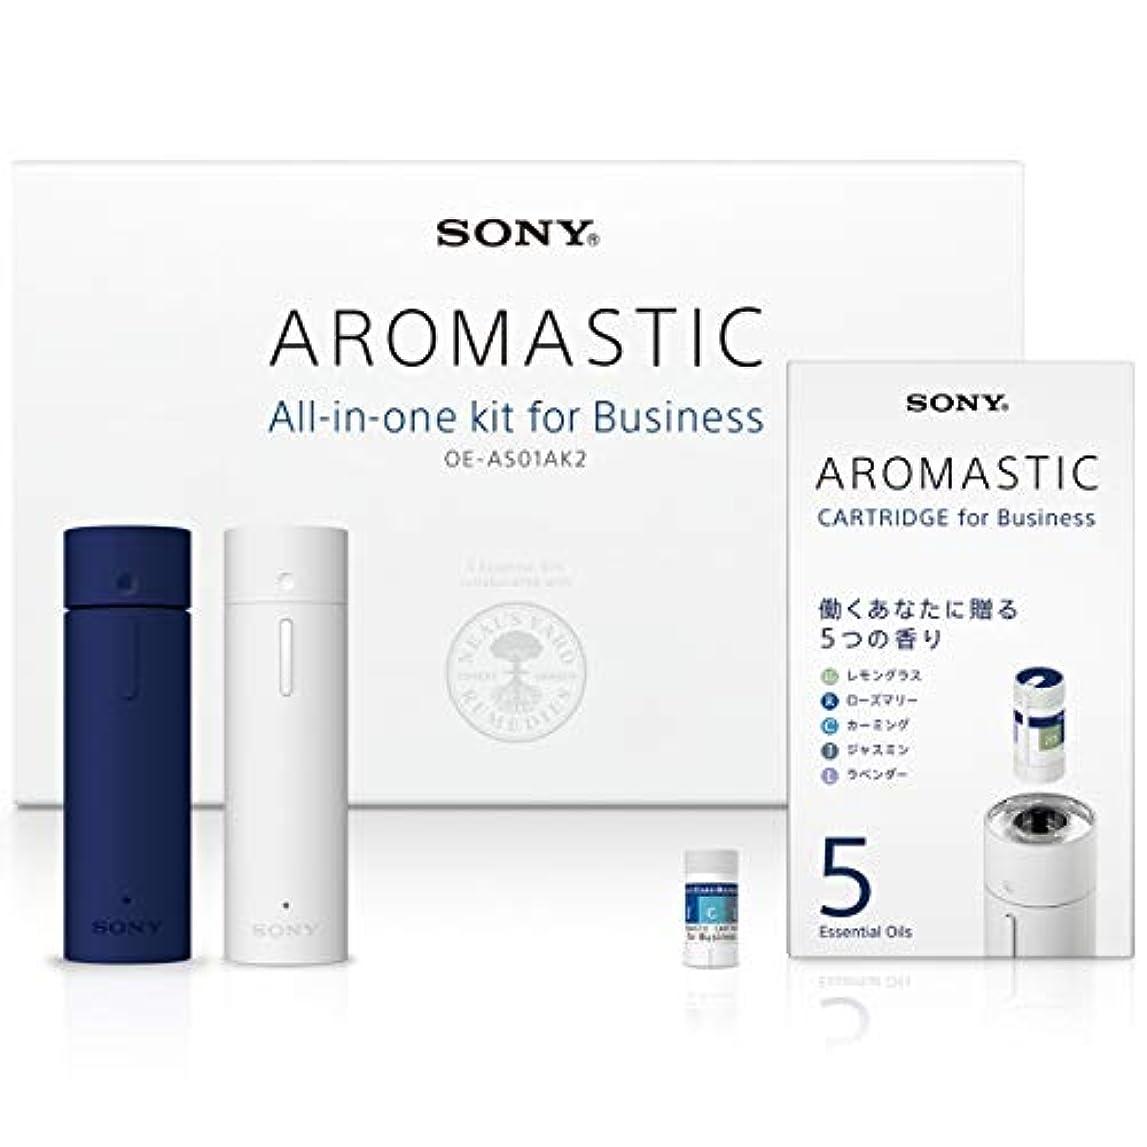 酸祝う不公平AROMASTIC All-in-one kit for Business (オールインワンキット for Business) OE-AS01AK2